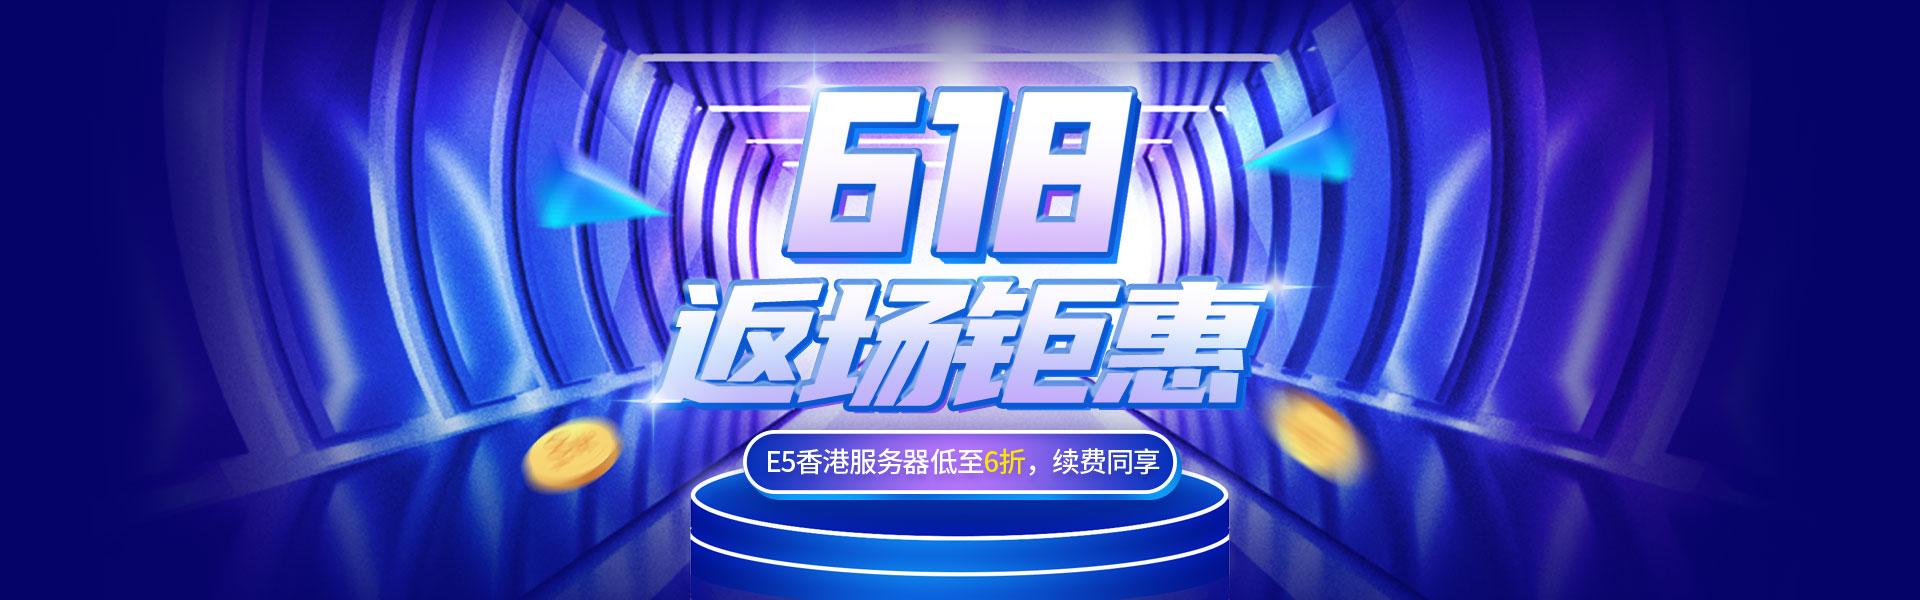 华纳云:#618返场钜惠# 香港云3折起\CN2 GIA 2M 18元/月\独享带宽\三网直连\无限流量